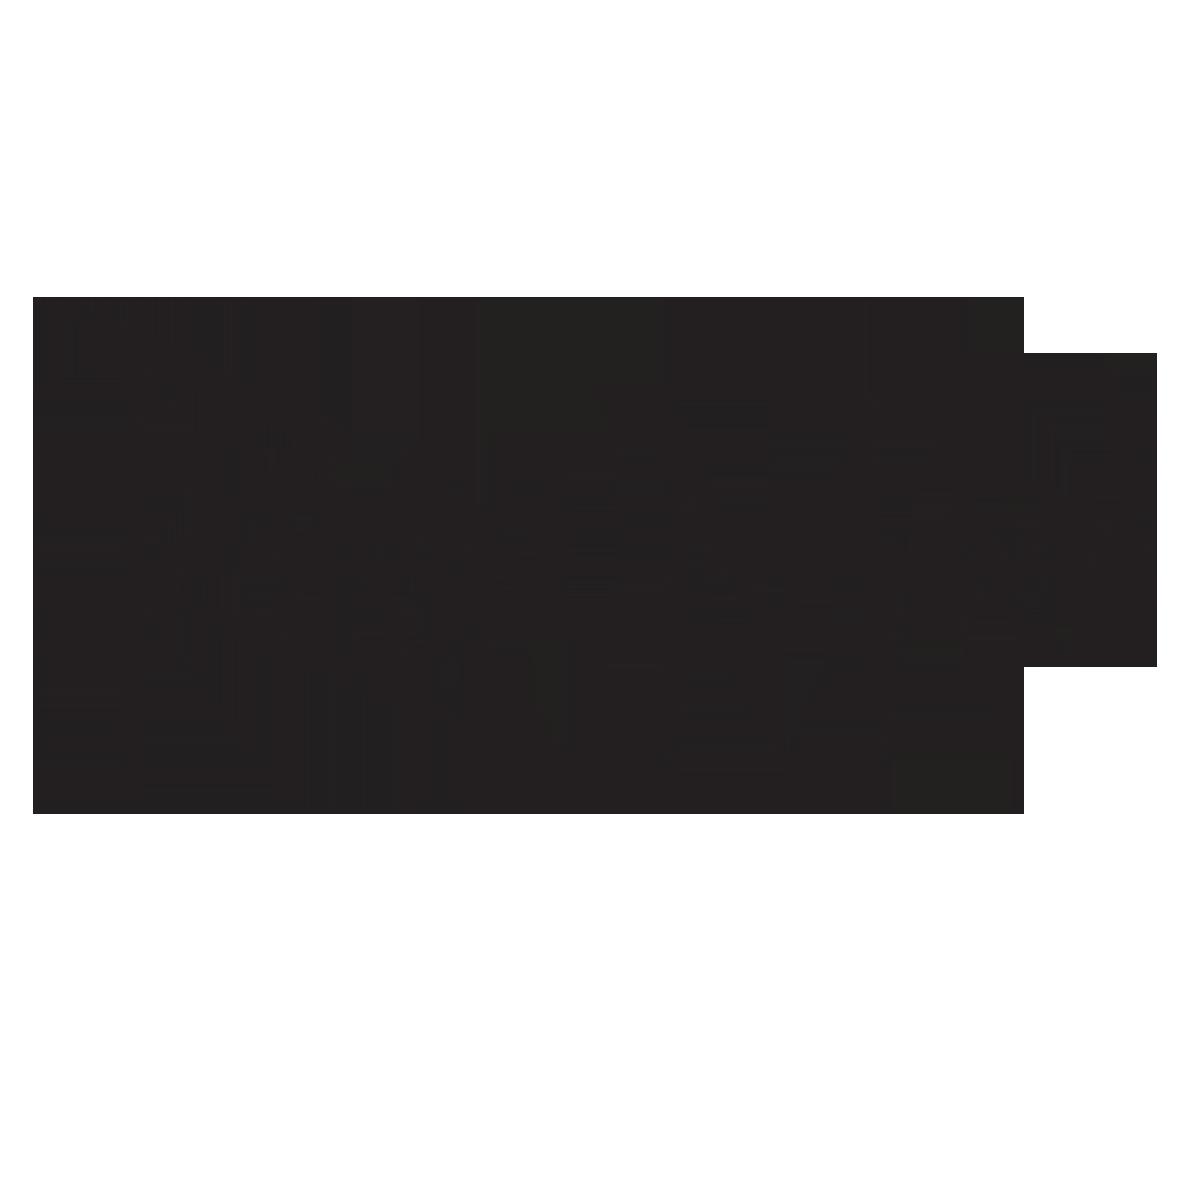 Rain Man (musician)